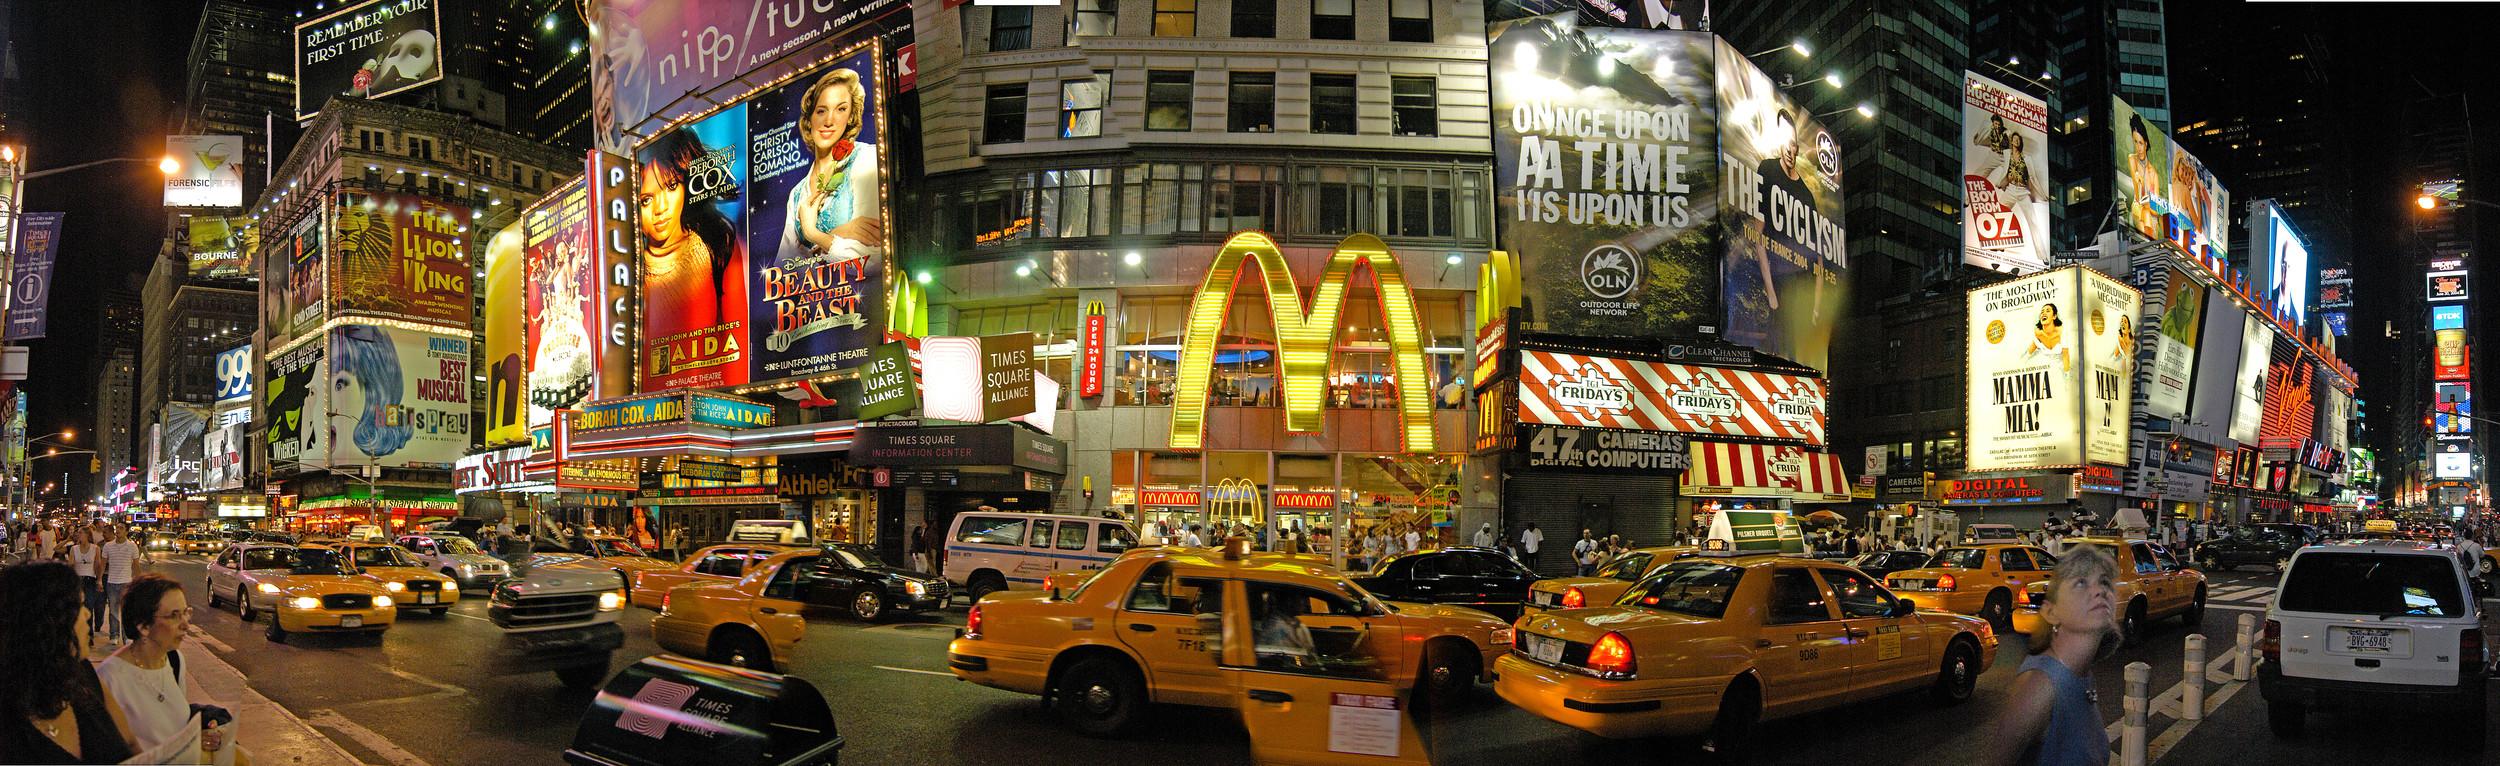 Times Square Panorama copy 9.82x32.06.jpg